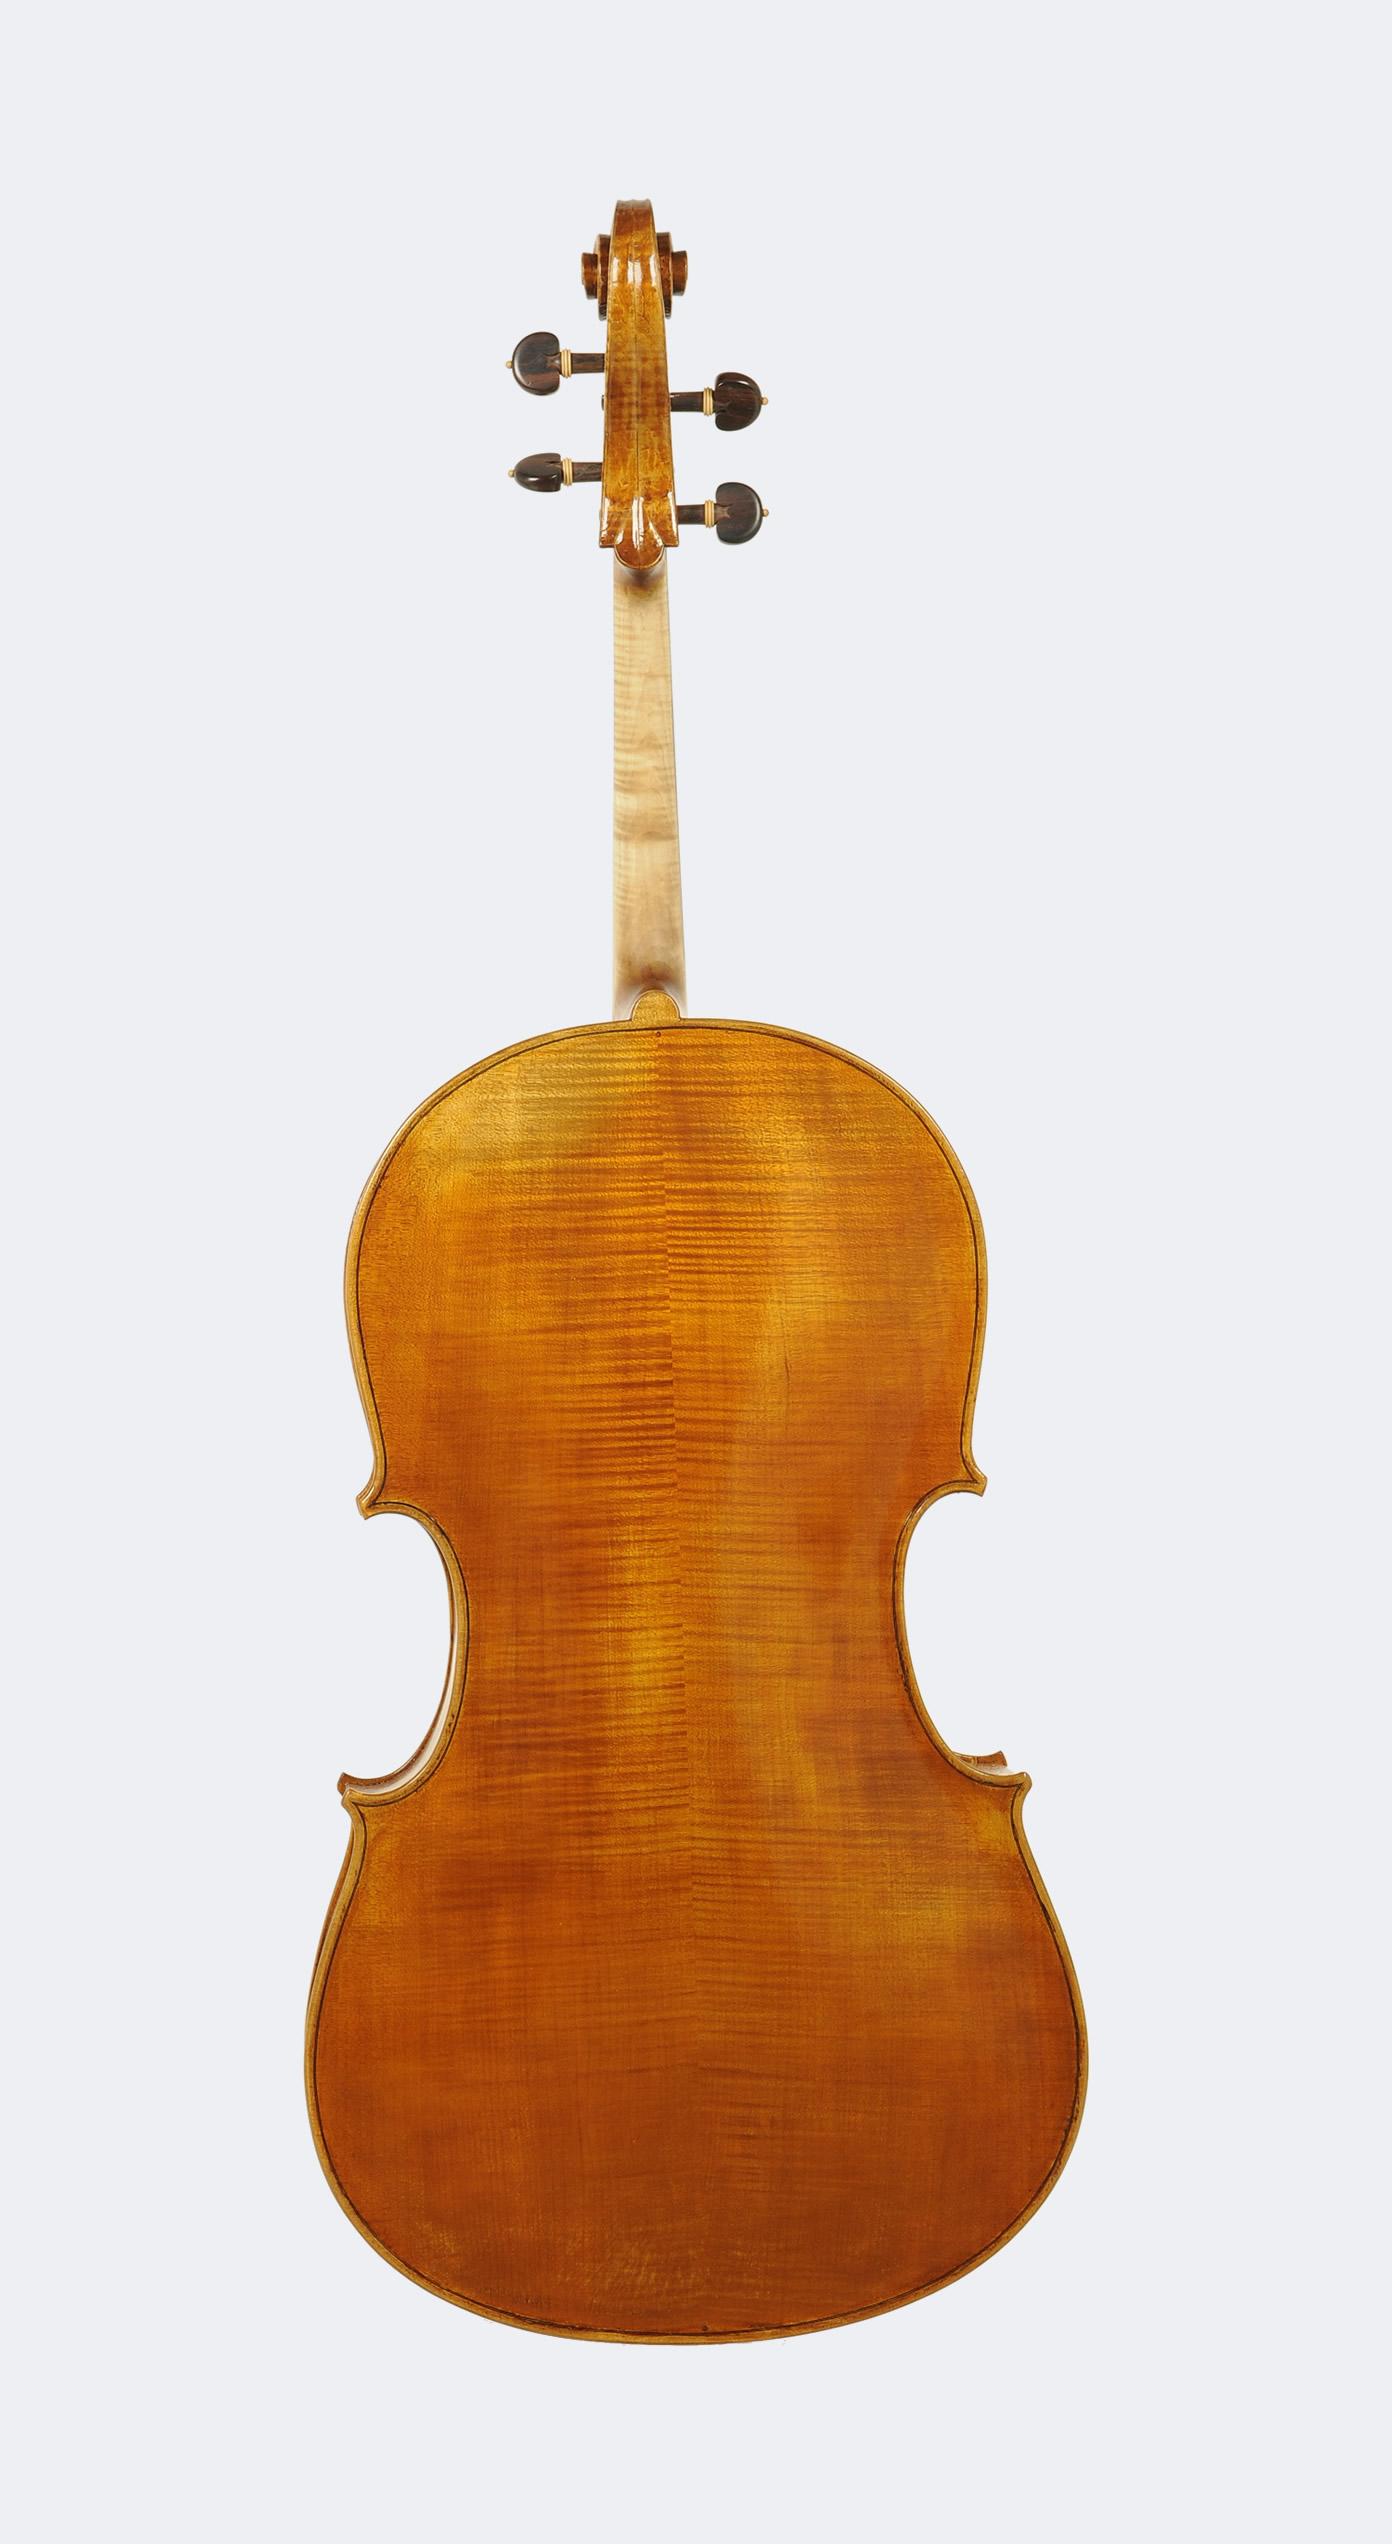 Violoncello modello Domenico Montagnana - retro